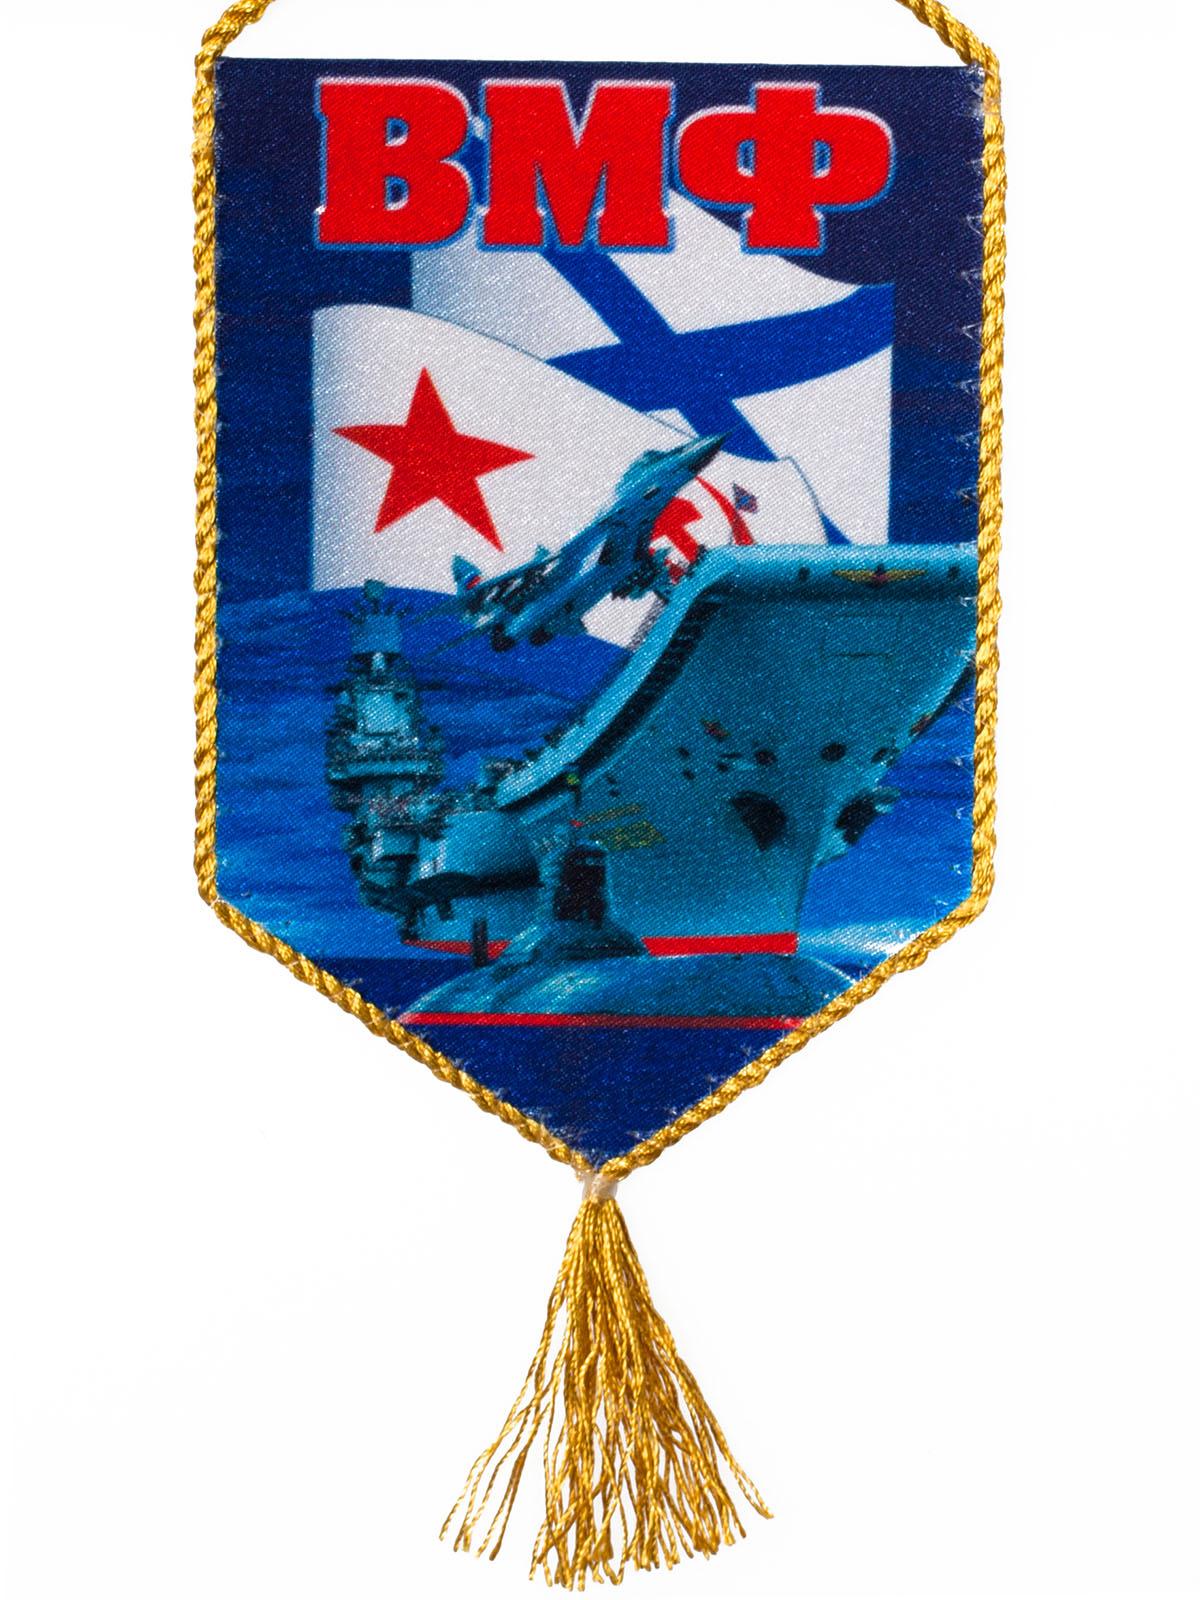 Купить вымпел ВМФ на присоске по символической цене